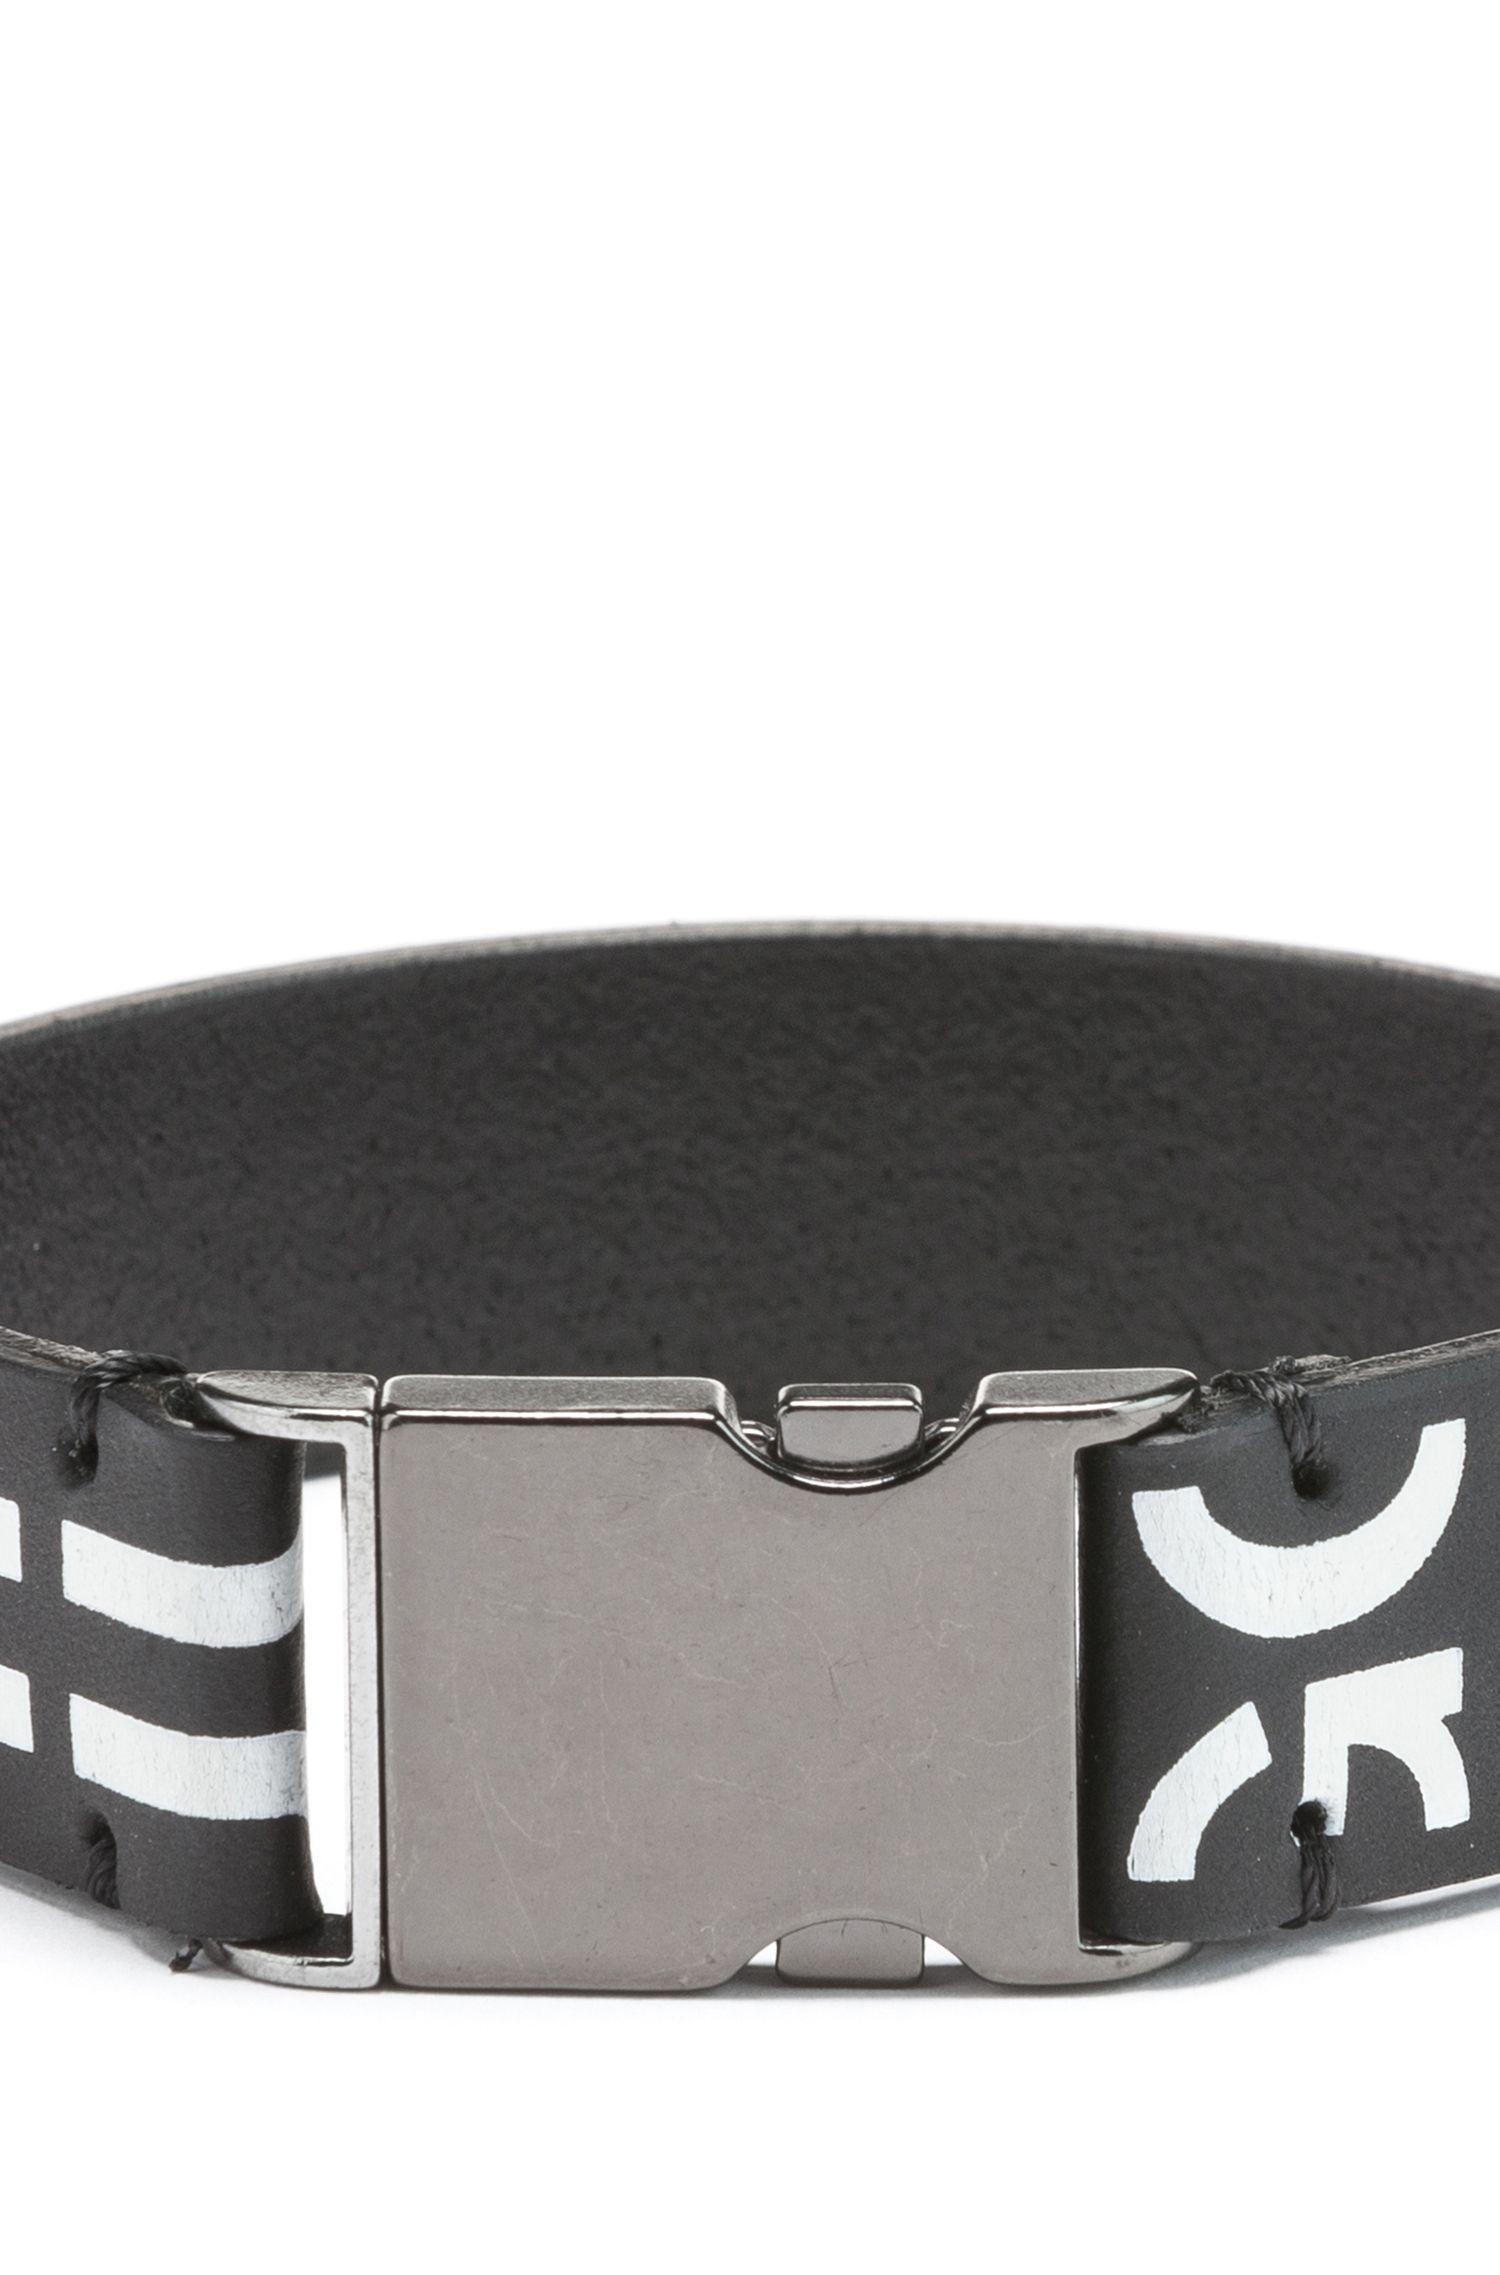 Armband aus italienischem Leder mit Schließe und abgeschnittenem Logo, Schwarz